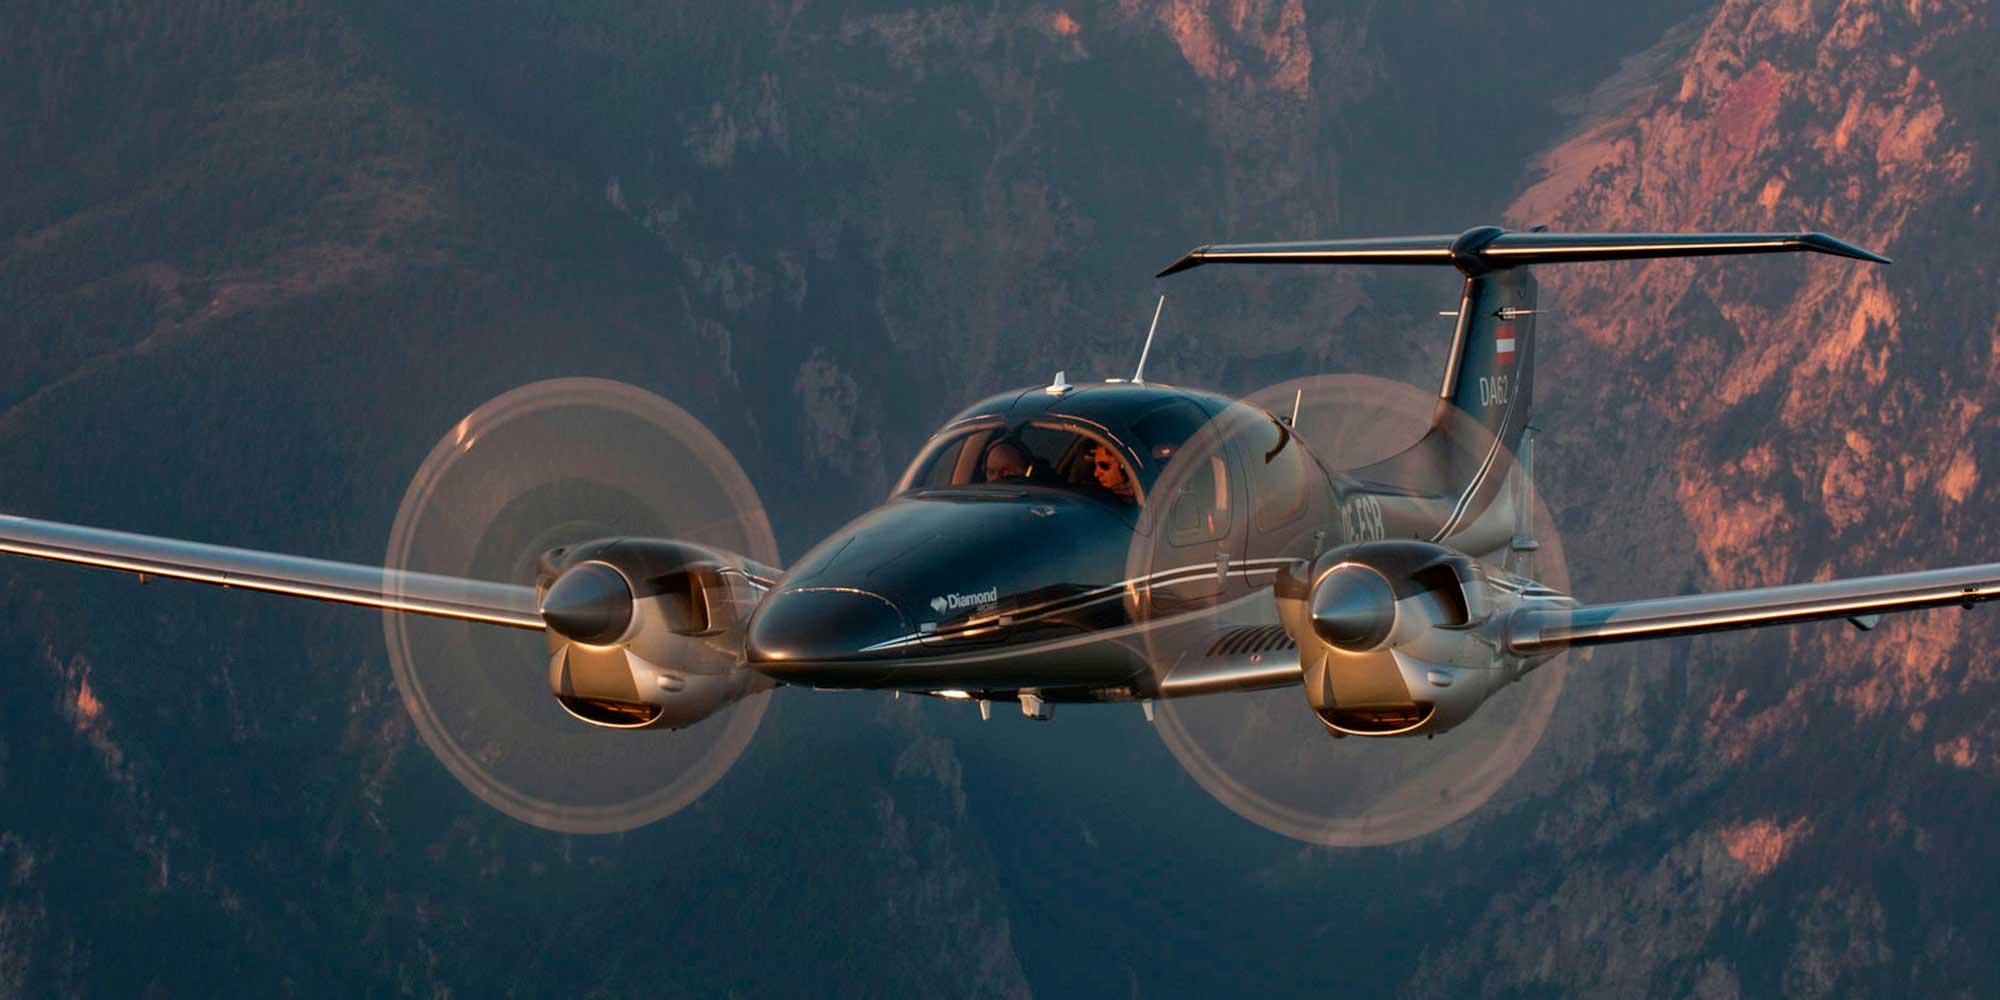 Avion neuf Diamond Aircraft